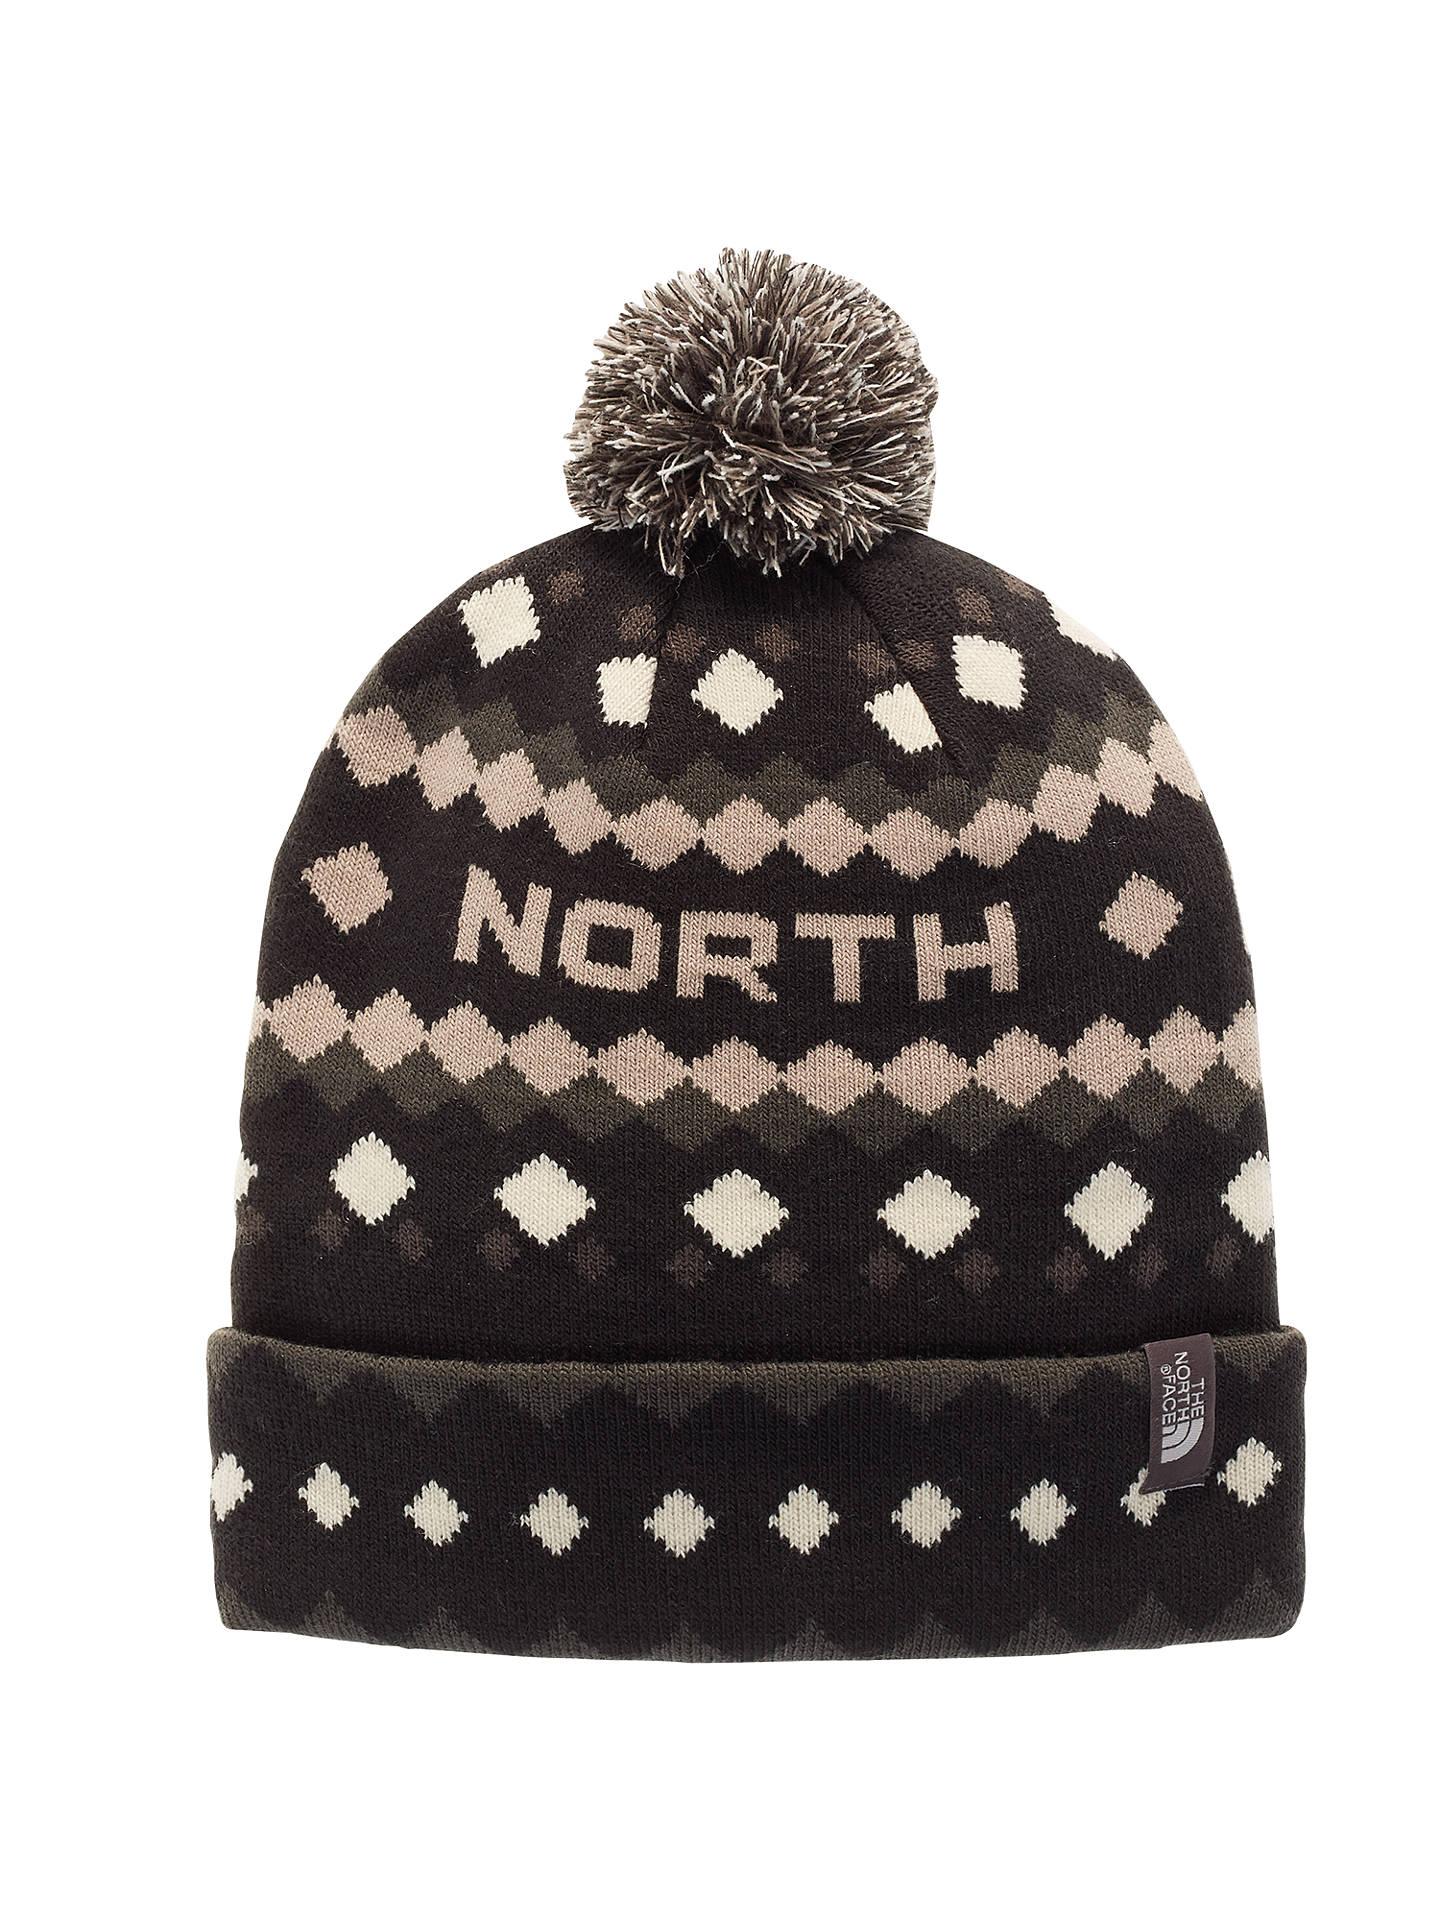 e70787c80c9 Buy The North Face Ski Tuke V Beanie Hat